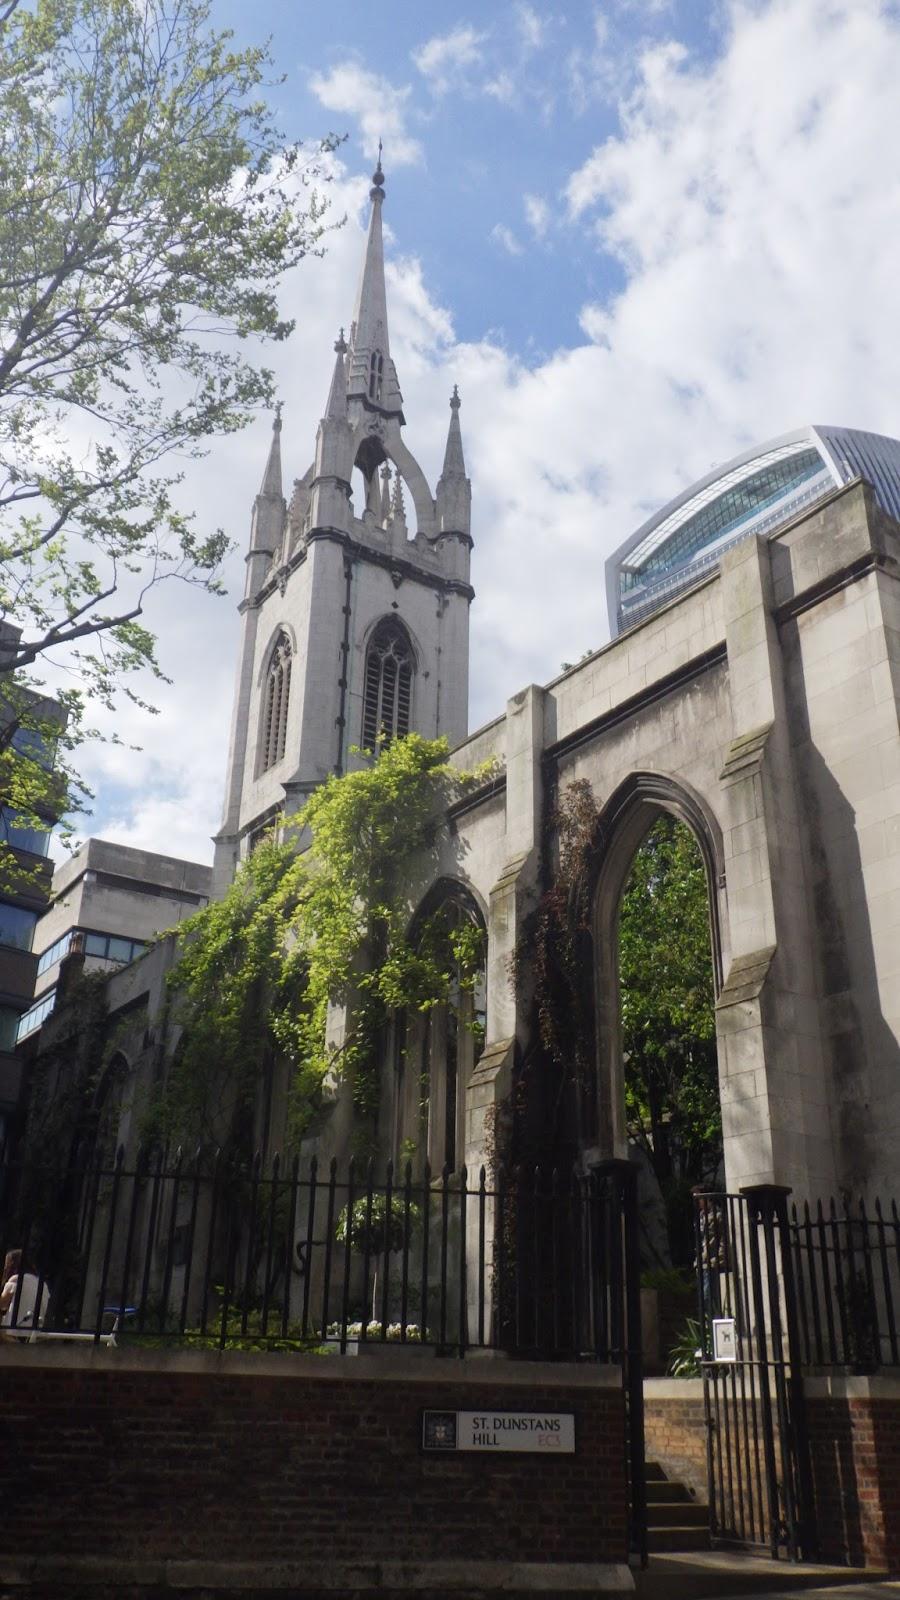 英國便り: 聖ダンスタン・イン・ザ・イースト教會跡